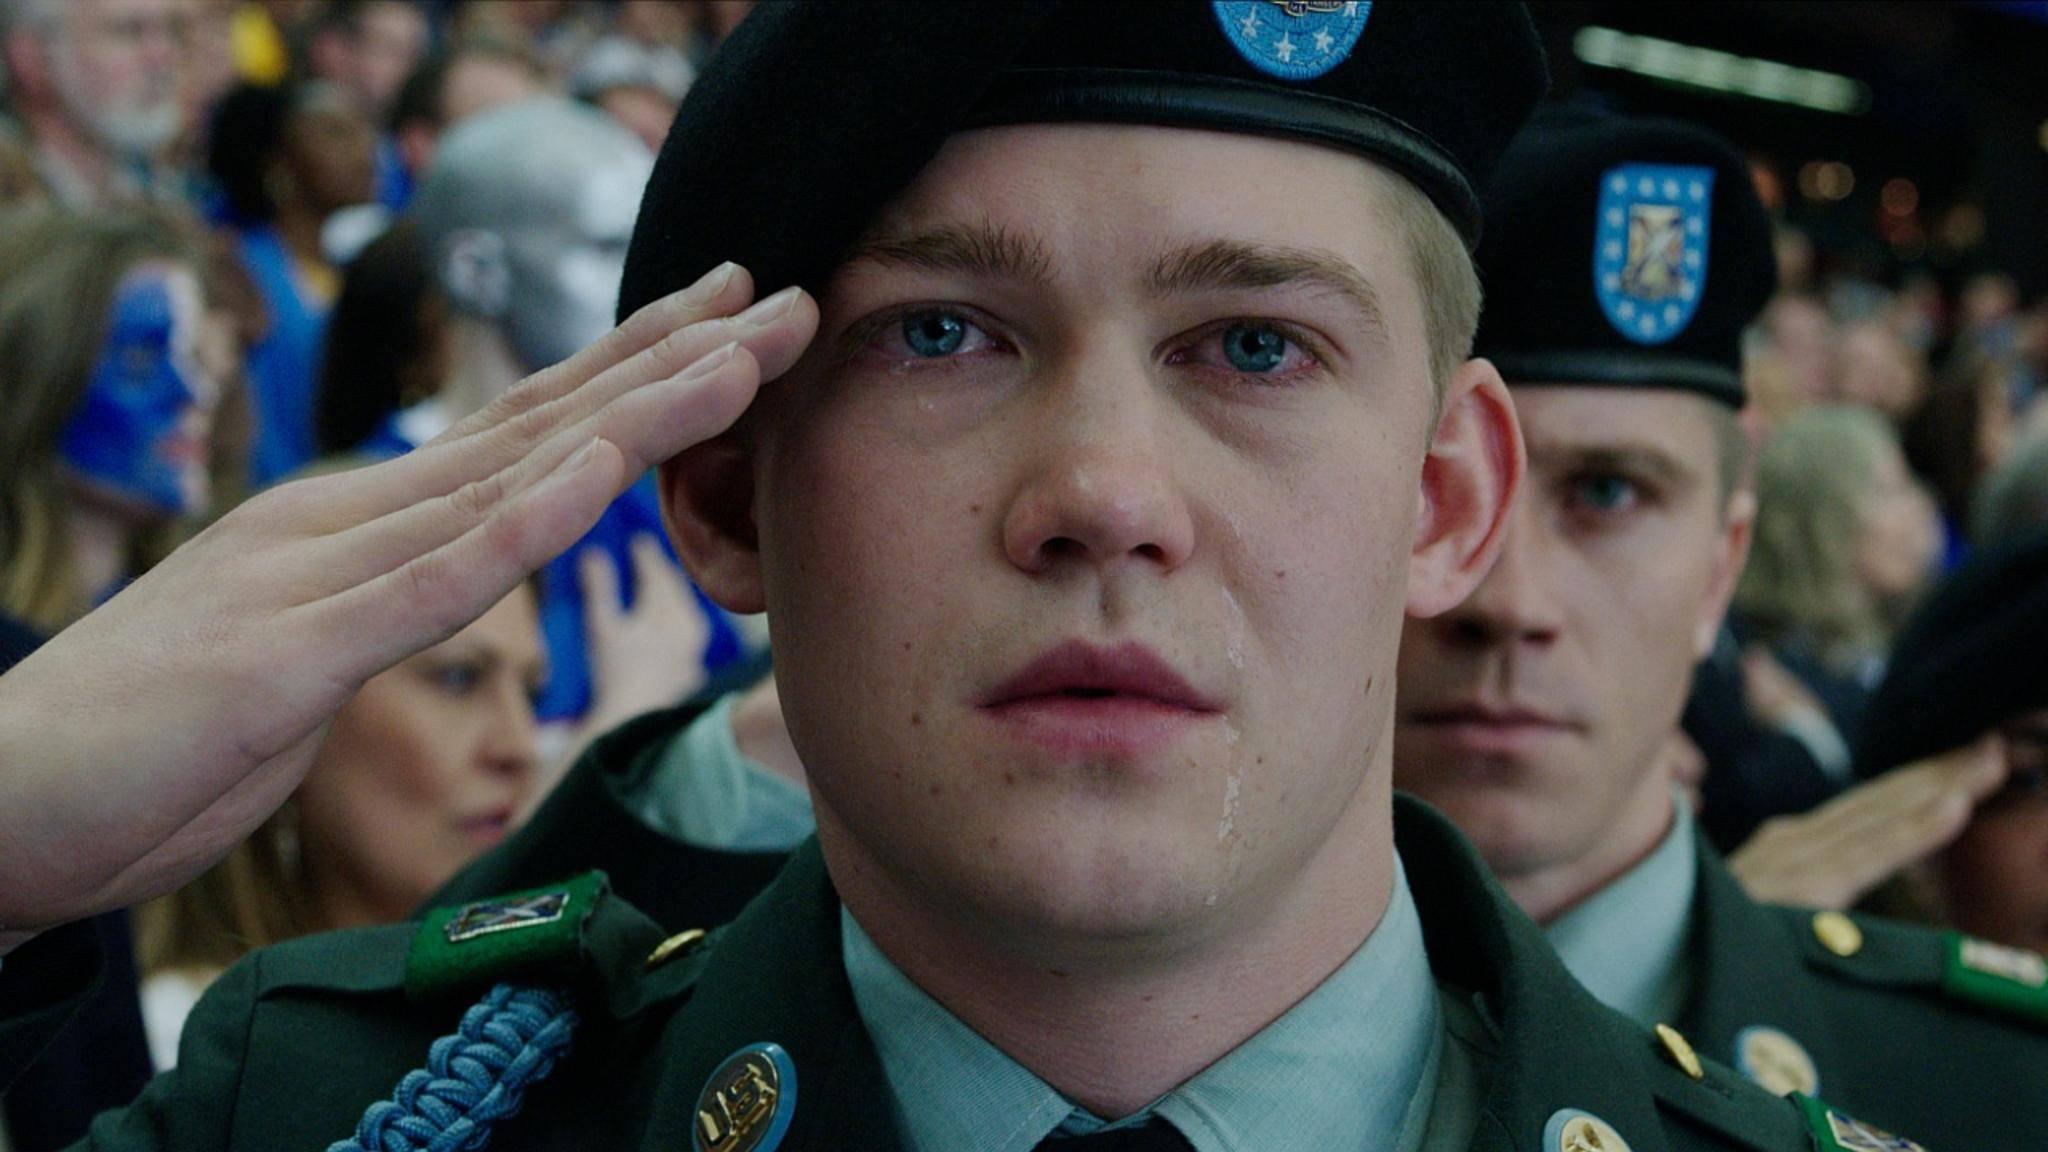 Gemischte Gefühle: Billy Lyn (Joe Alwyn) weiß nicht so recht, wie ihm auf seiner Heldentour geschieht.